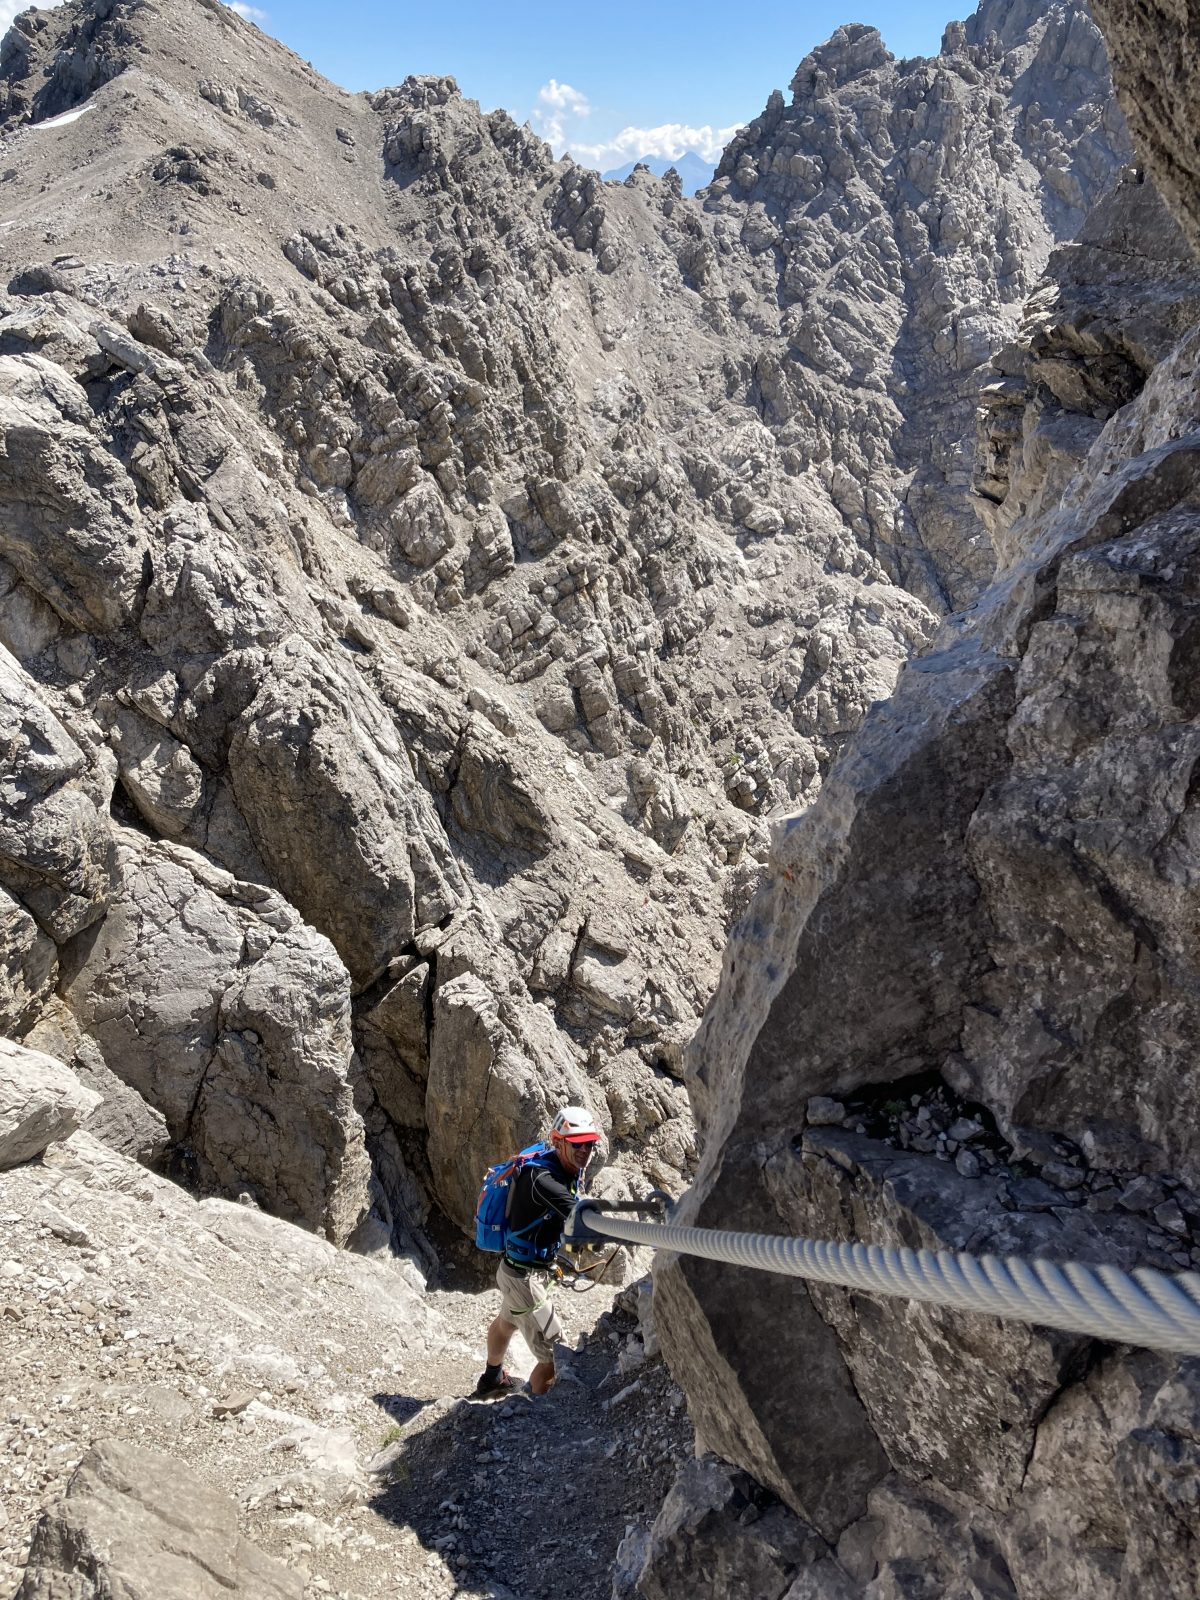 Imster Klettersteig, Abstieg durchs Engelkarl, Foto: Susa Schreiner |Climbers Paradise